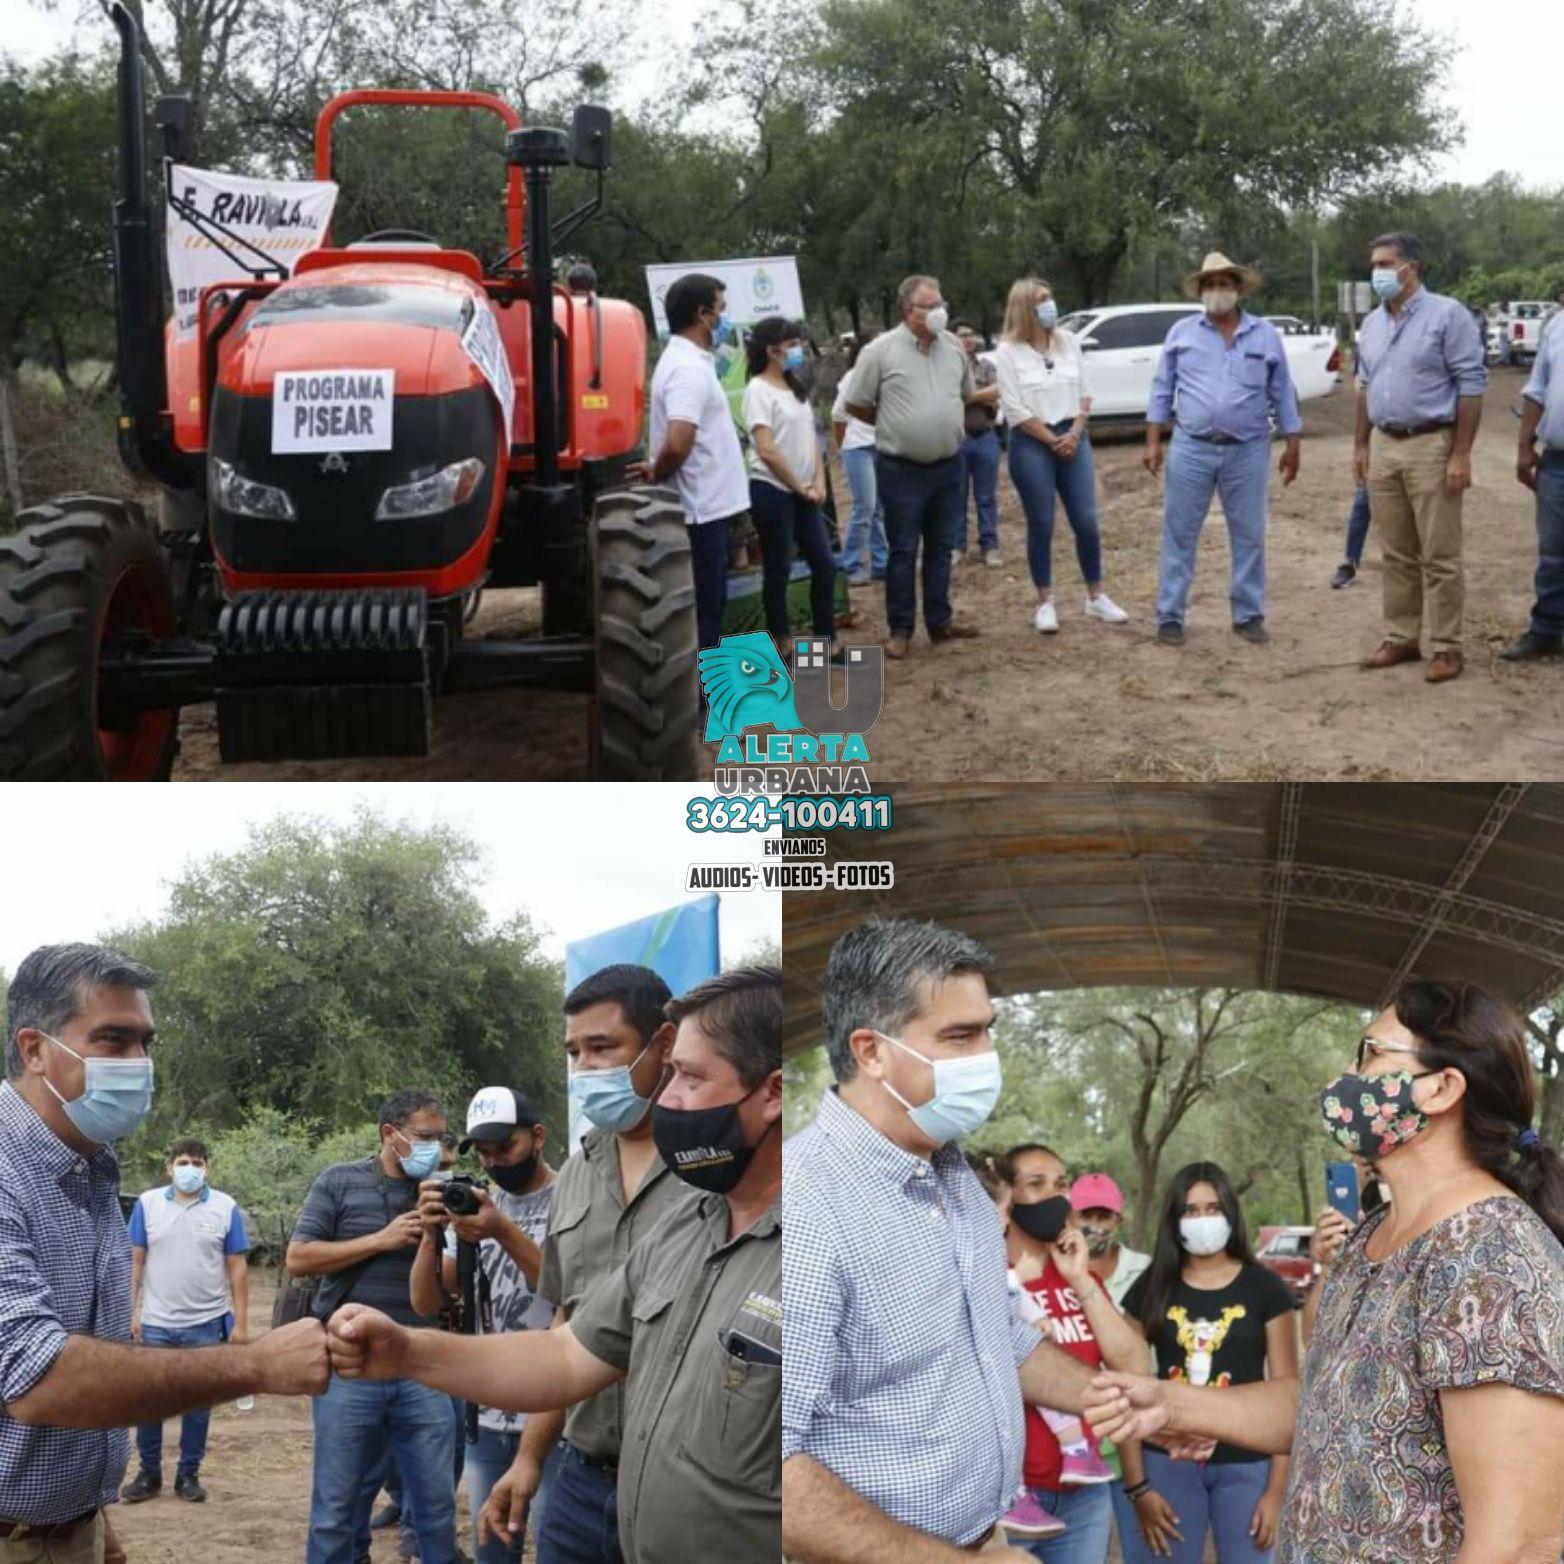 Capitanich entregó maquinaria agrícola al Consorcio Rural N°73 de Paraje San Vicente